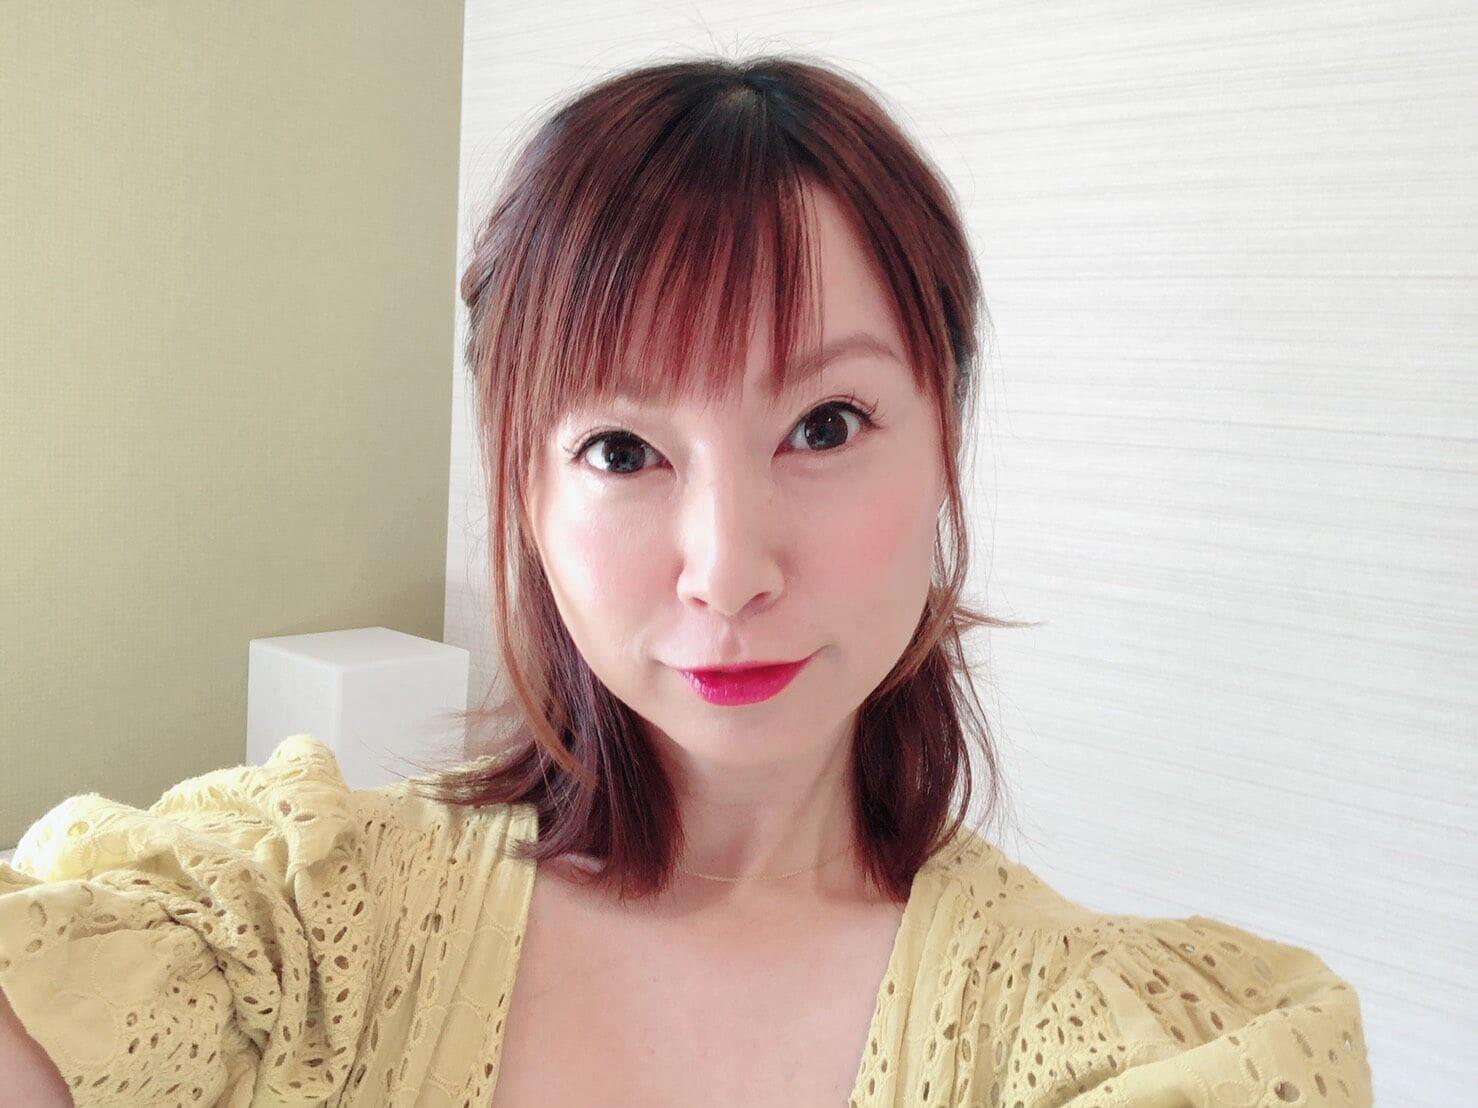 """鈴木亜美さんが愛用する""""卵殻膜美容液""""がすごかった・・・"""